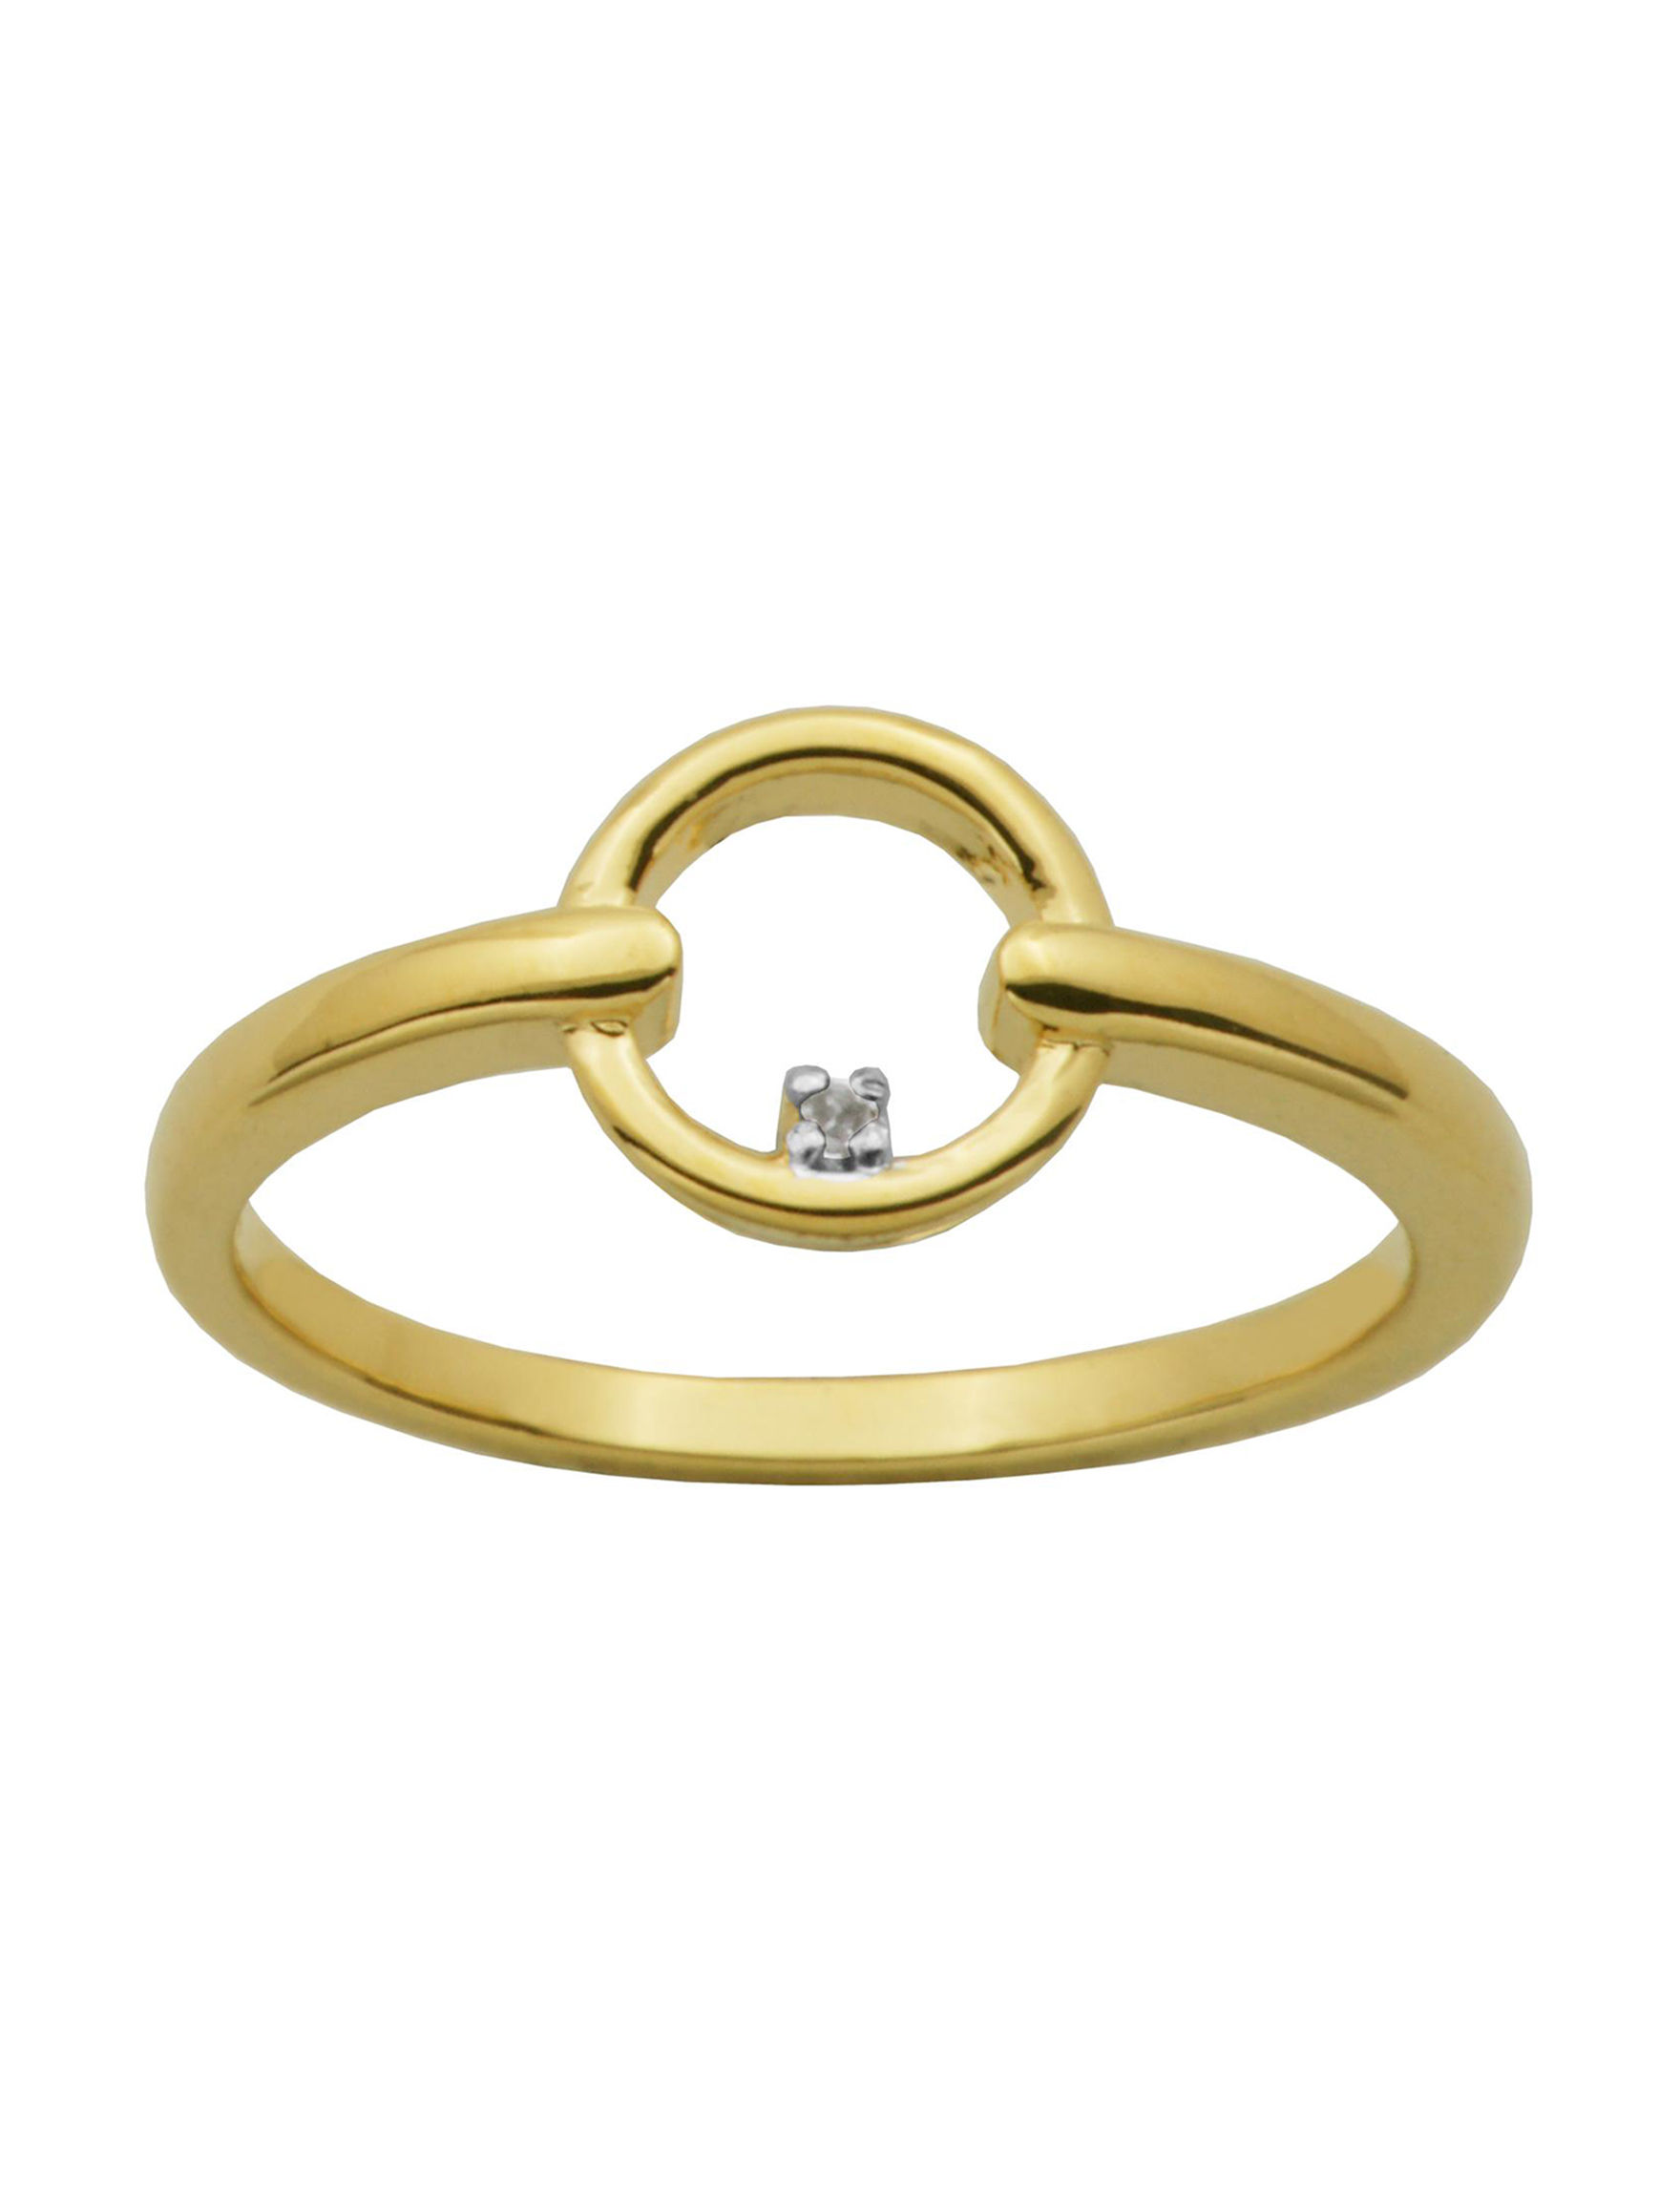 PAJ INC. Gold Drops Studs Earrings Rings Fine Jewelry